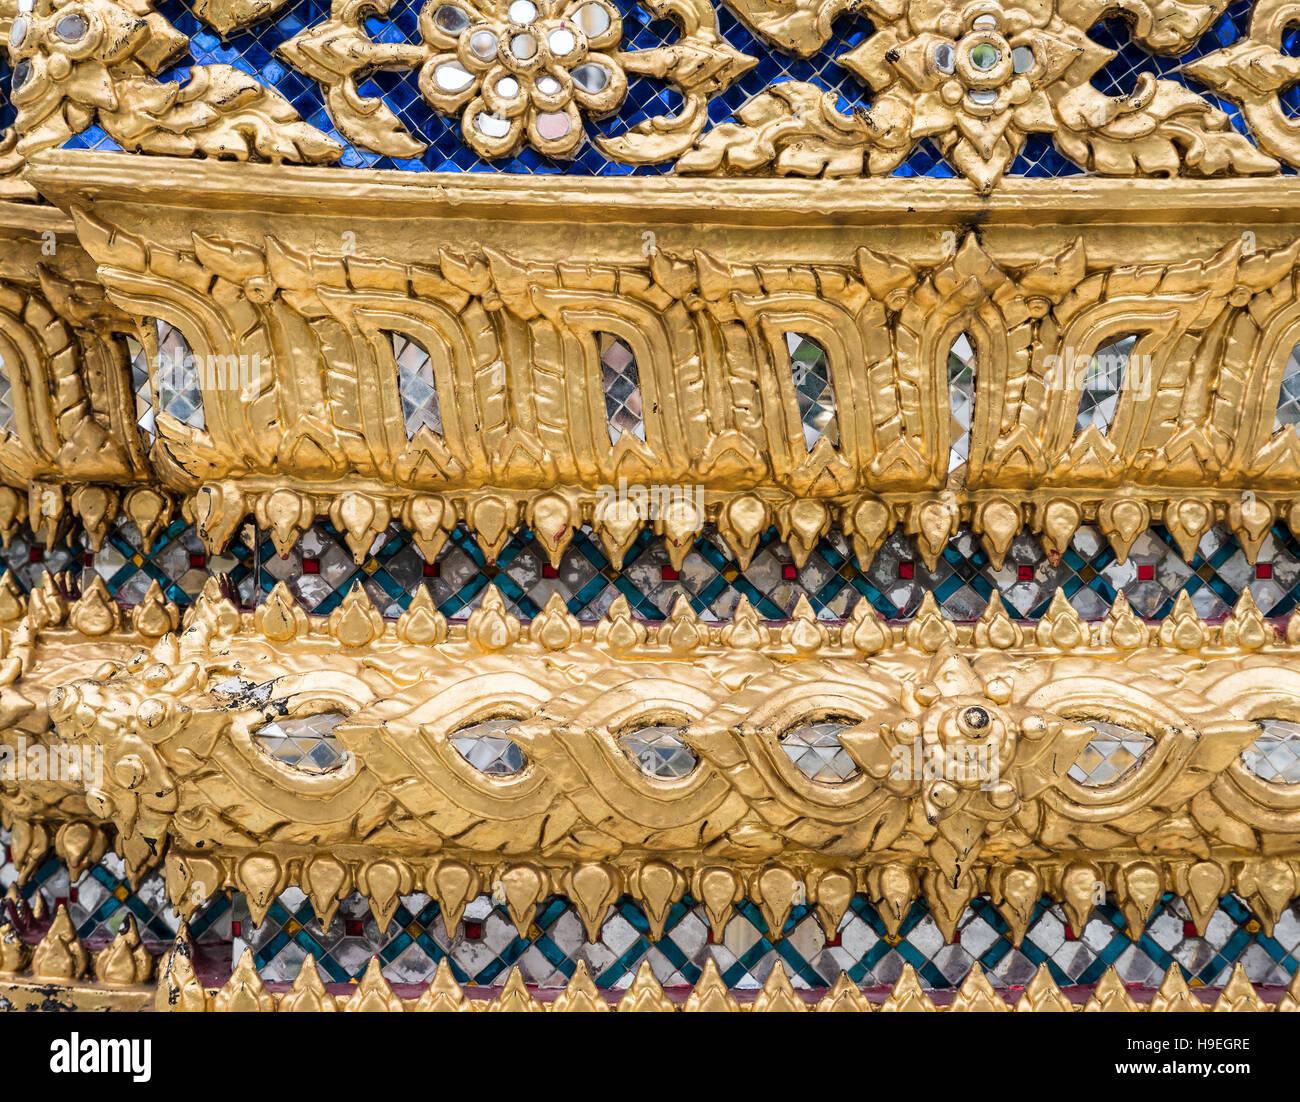 Goldene Blumenmuster mit Glasmosaik an der Kirchenmauer im thailändischen Tempel. (Nicht erforderlich öffentlicher Stockbild